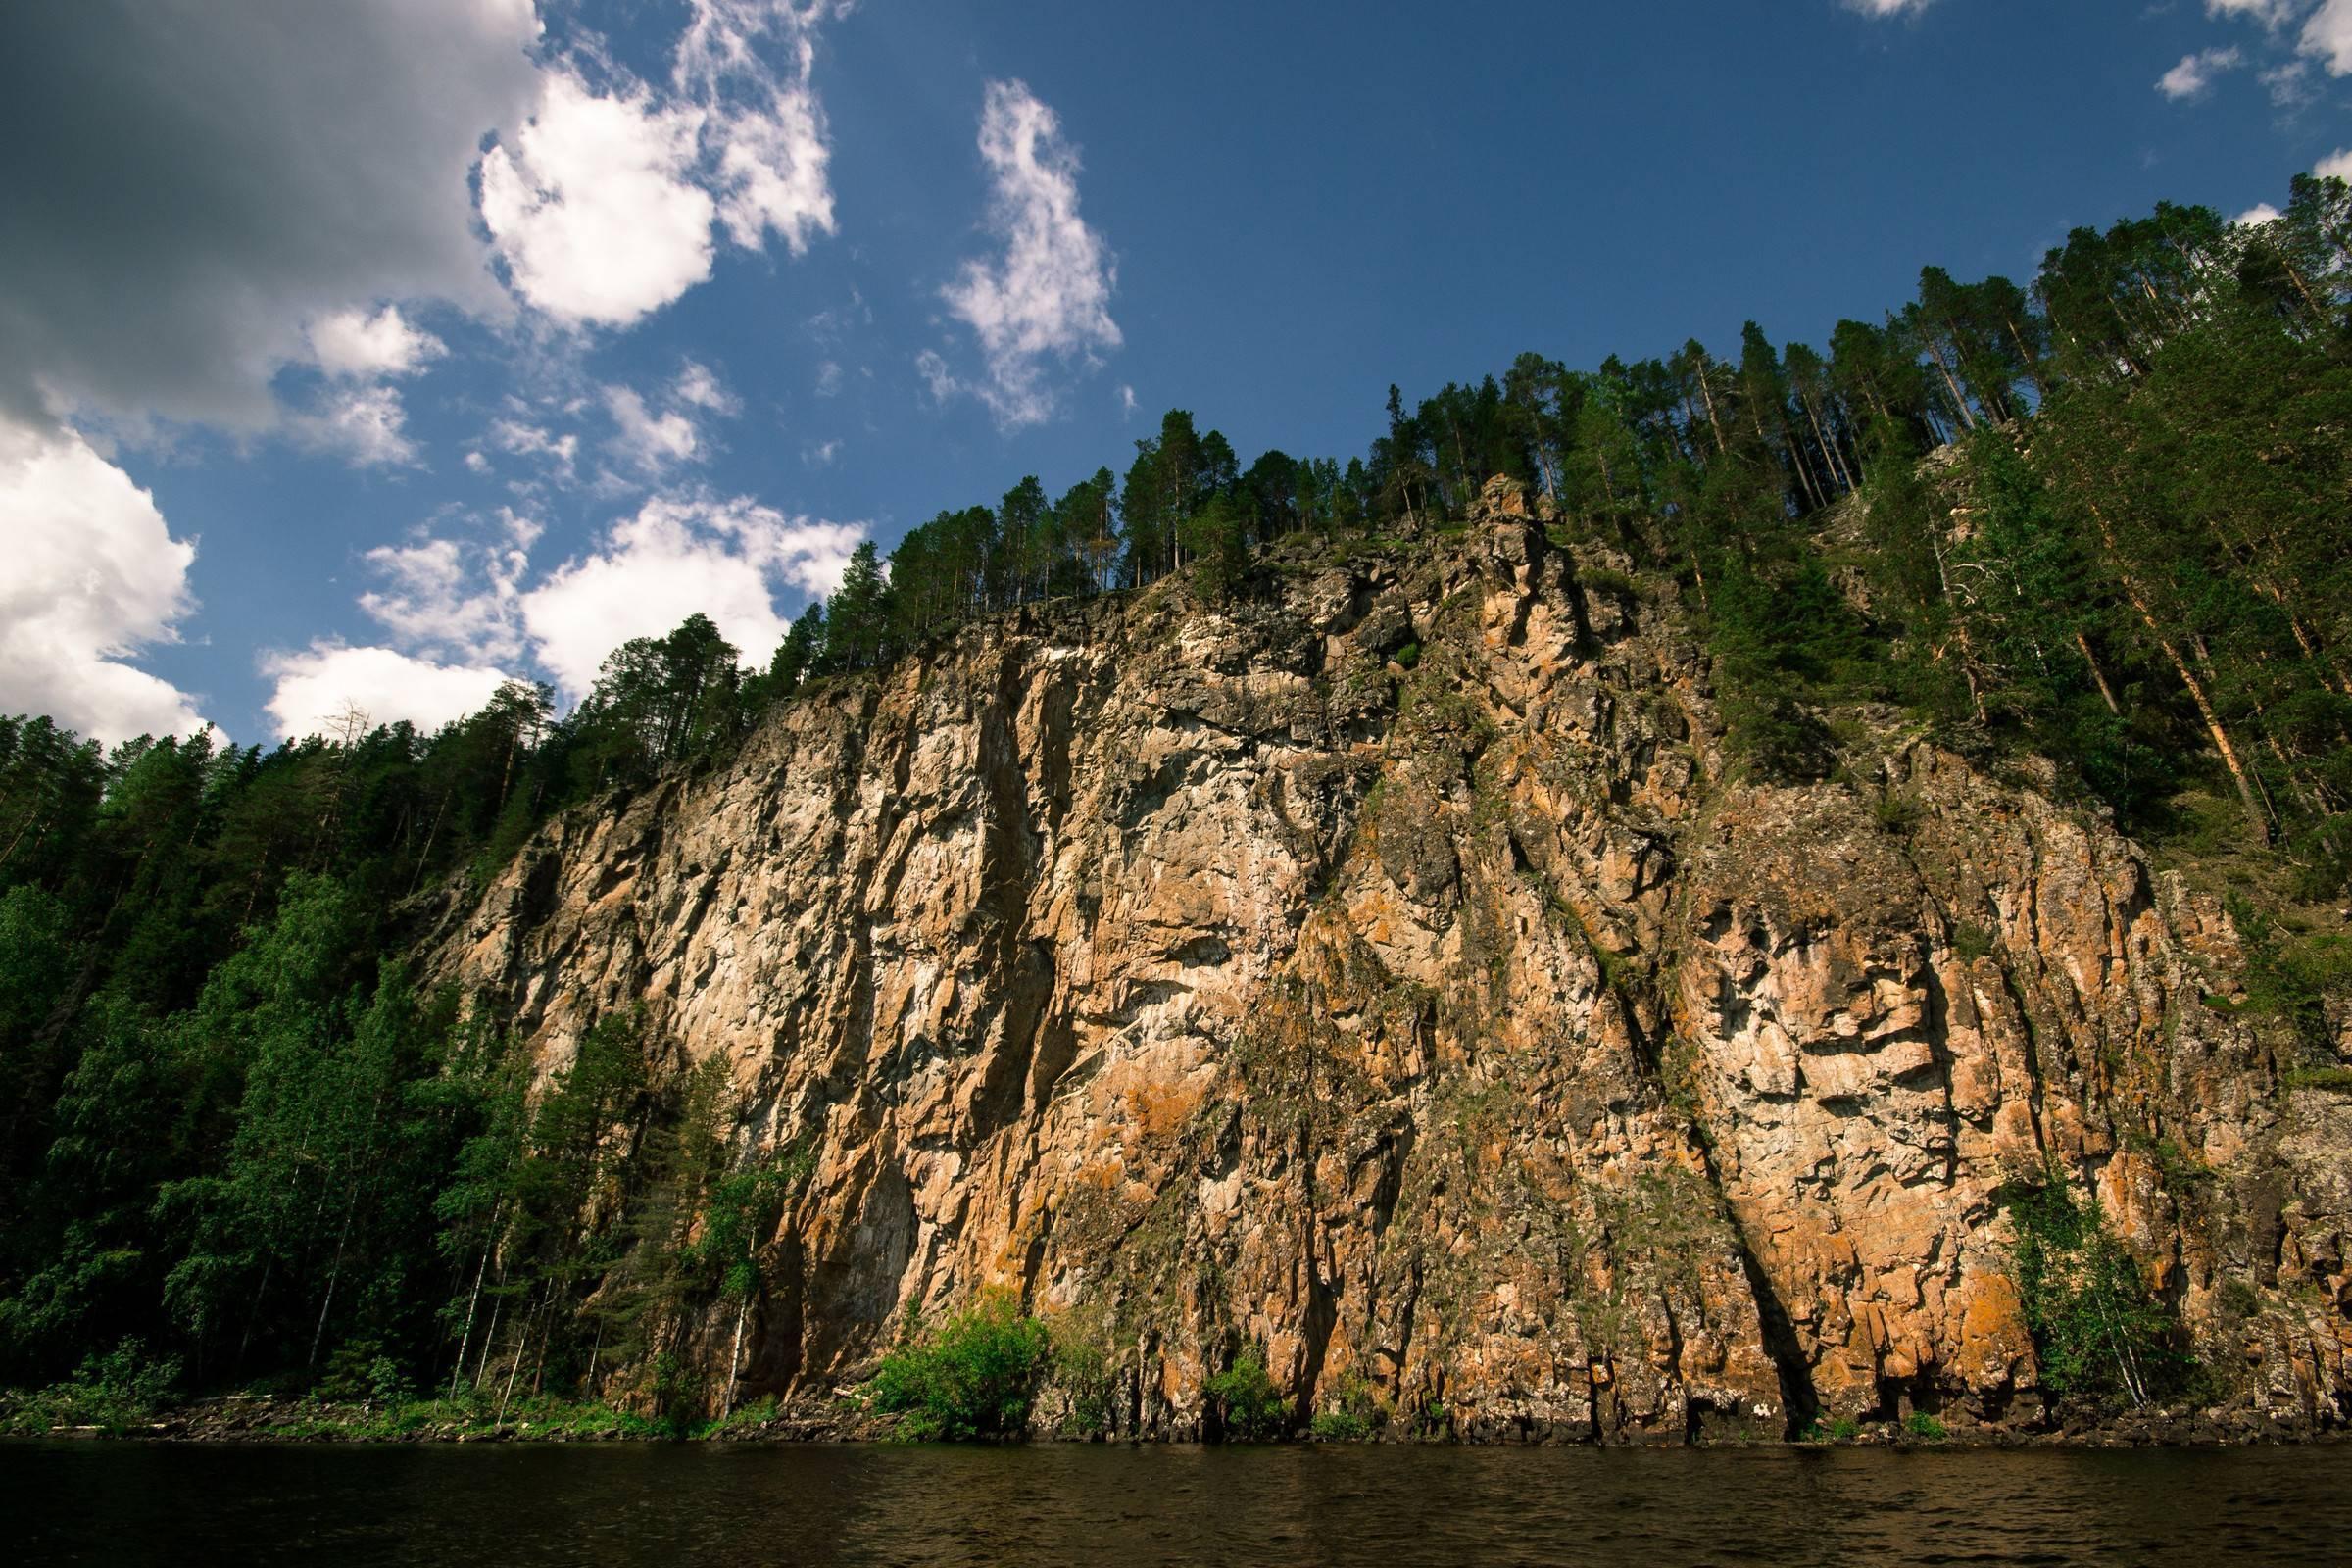 Национальный парк ладожские шхеры: фото, где находится, правила посещения и отзывы